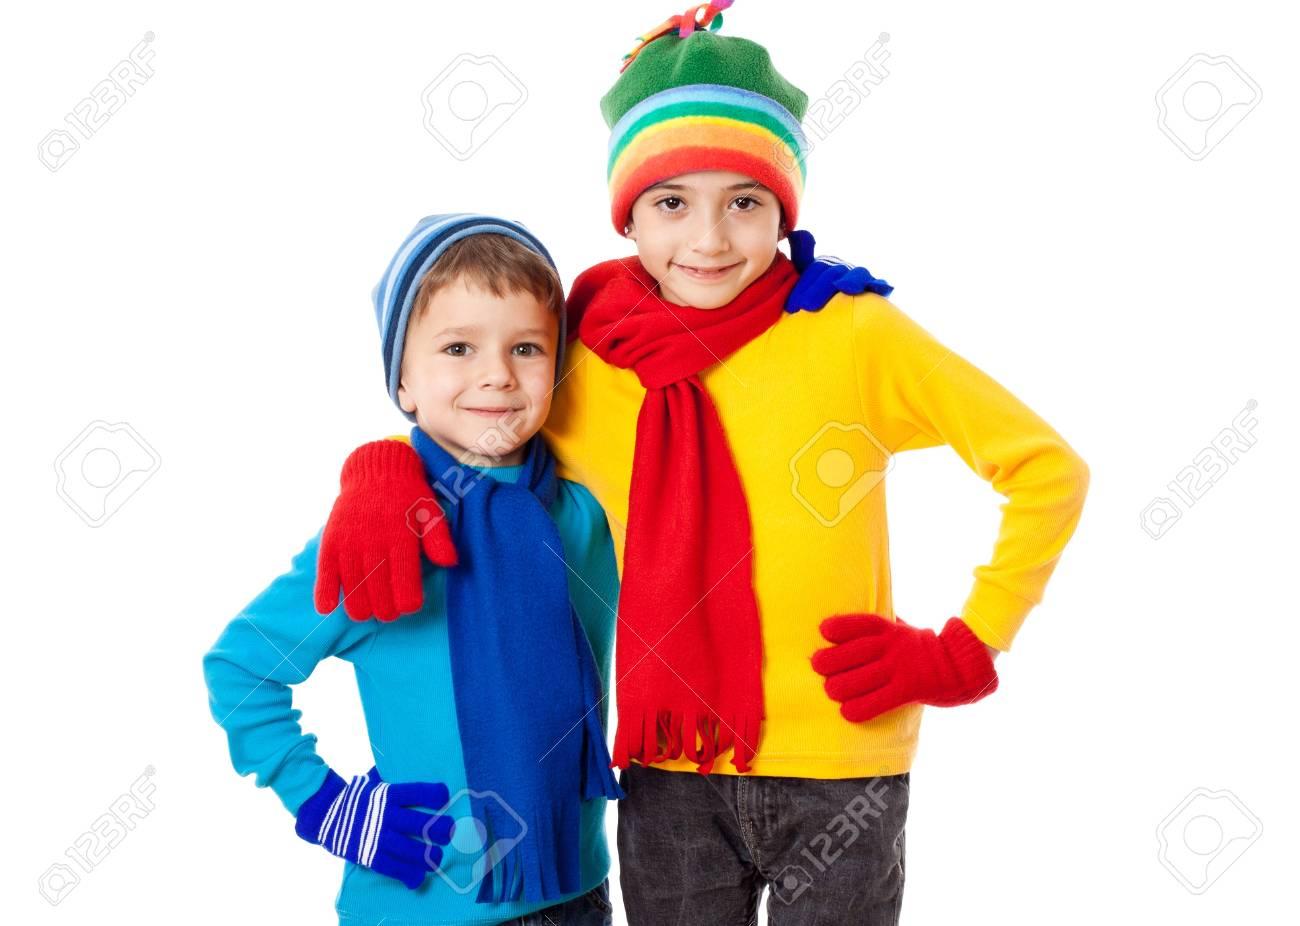 bf9462234dcb Dos niños sonrientes en ropa de invierno en conjunto, aislado en blanco